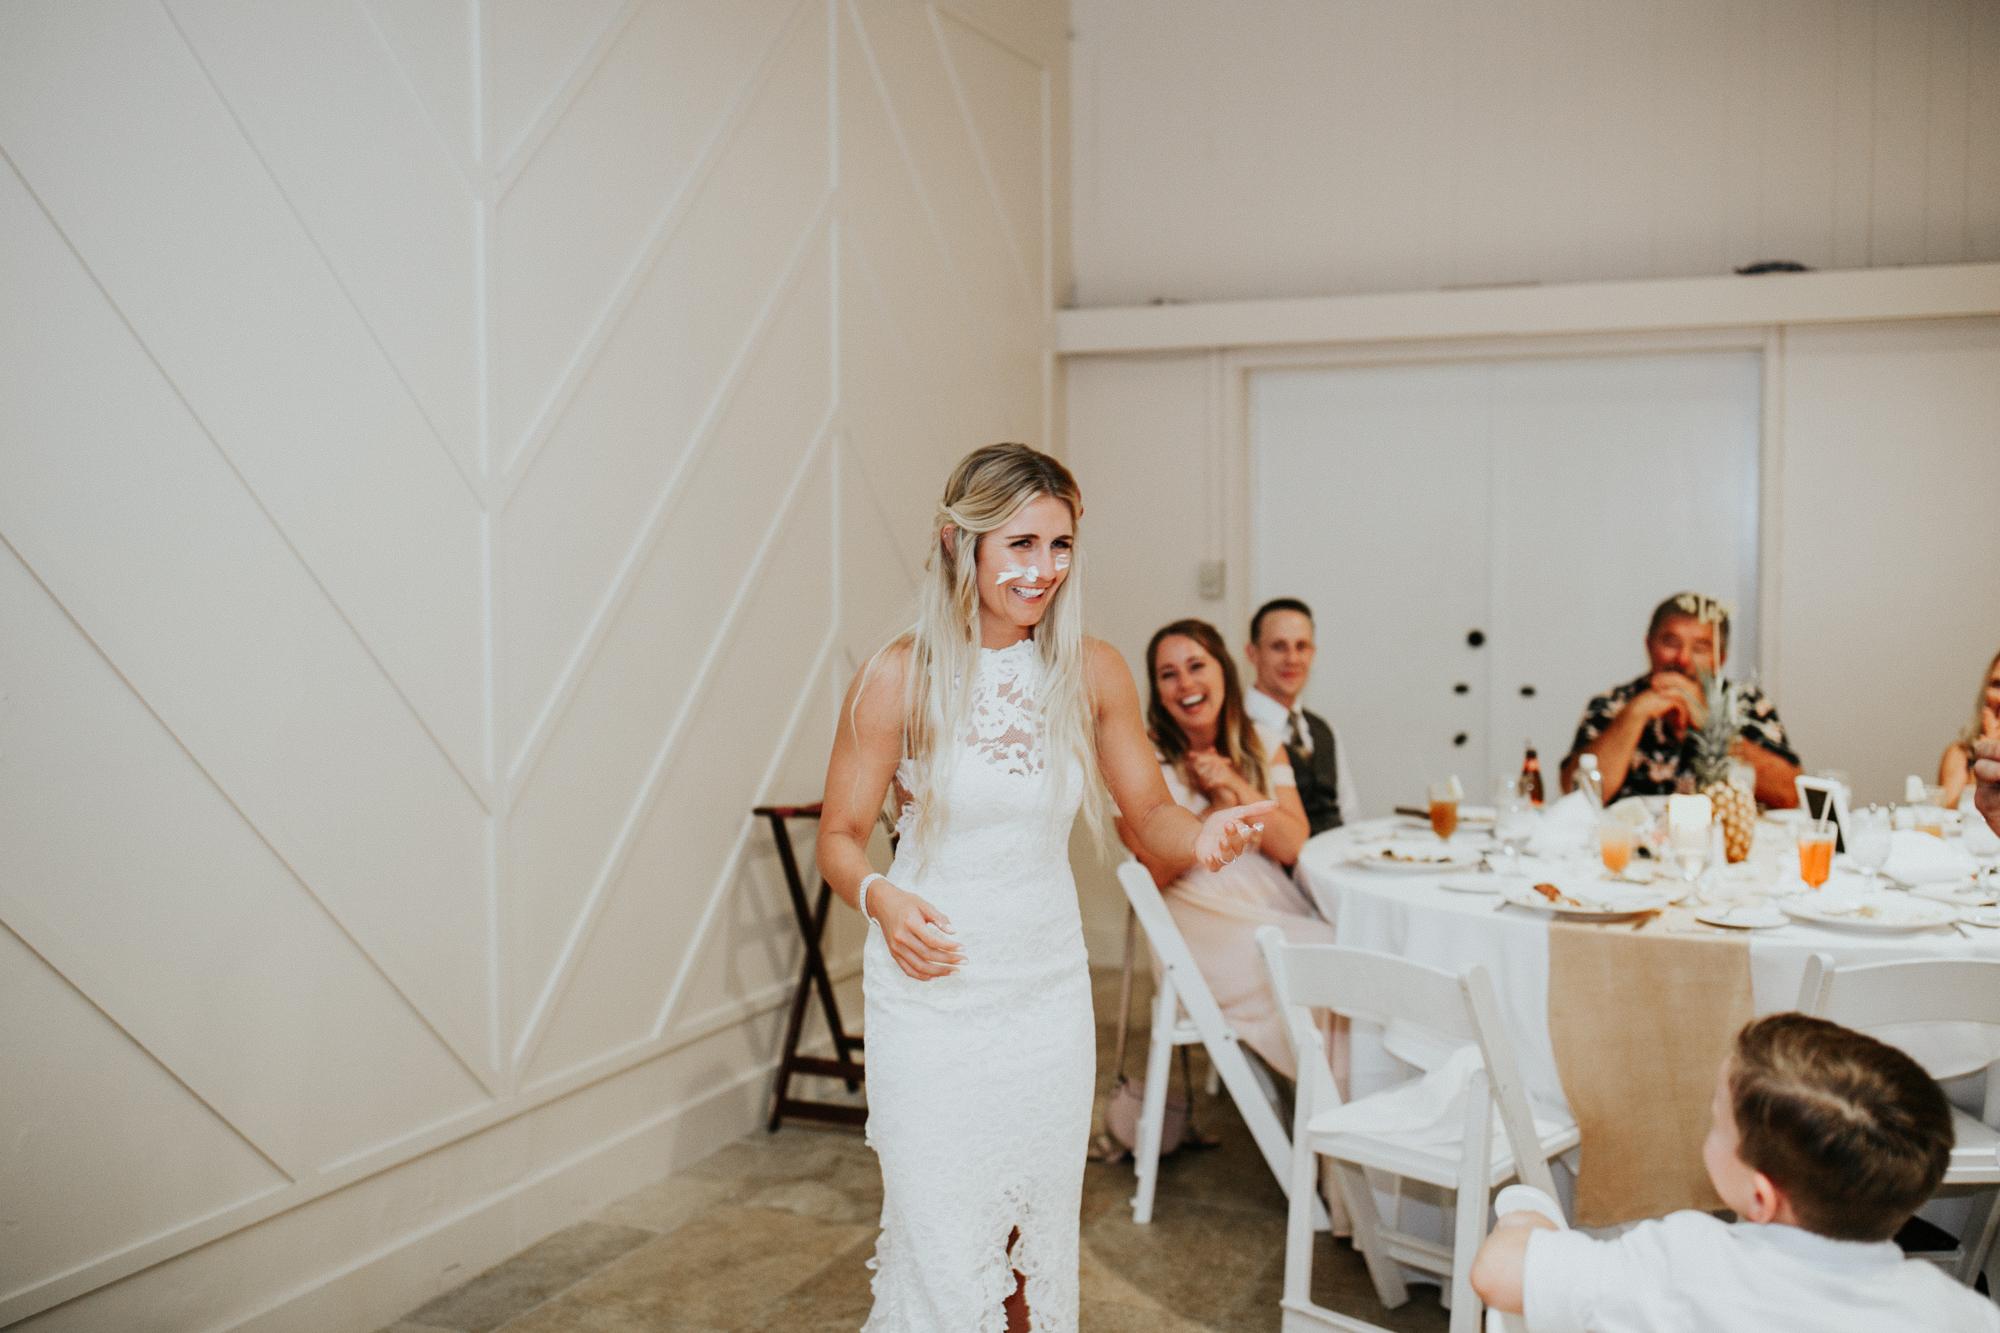 destination-wedding-photographer-hawaii-maui-elopement-118.jpg